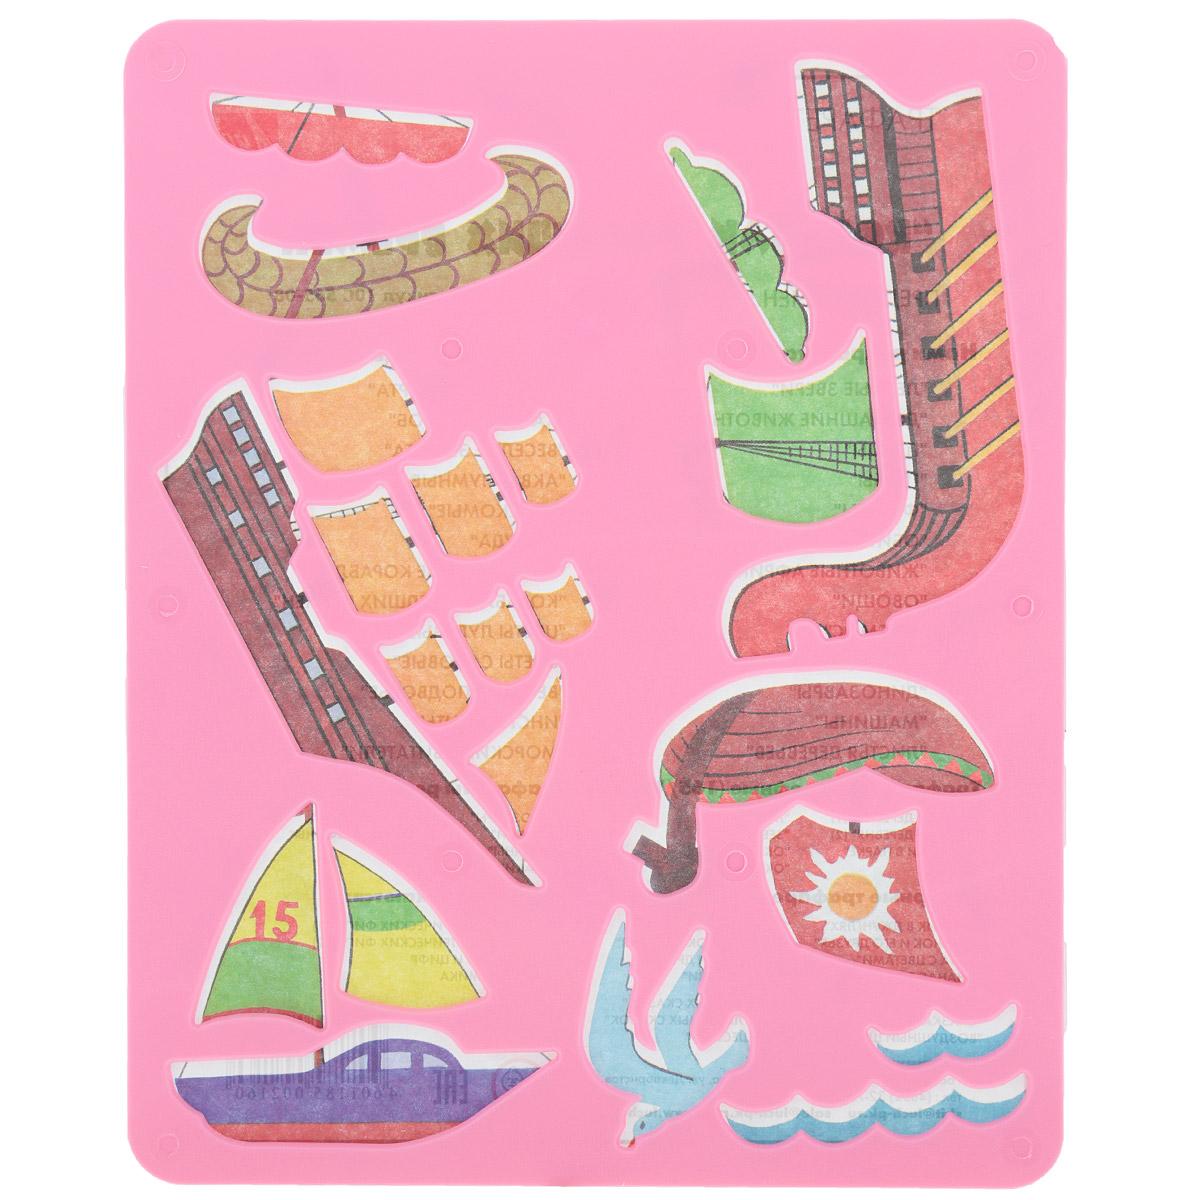 Луч Трафарет прорезной Корабли ушедших времен цвет розовый10С -08Трафарет Луч Корабли ушедших времен, выполненный из безопасного пластика, предназначен для детского творчества. По трафарету маленькие художники смогут нарисовать различные корабли и лодки, плывущие по волнам. Для этого необходимо положить трафарет на лист бумаги, обвести фигуру по контуру и раскрасить по своему вкусу или глядя на цветную картинку-образец. Трафареты предназначены для развития у детей мелкой моторики и зрительно-двигательной координации, навыков художественной композиции и зрительного восприятия.